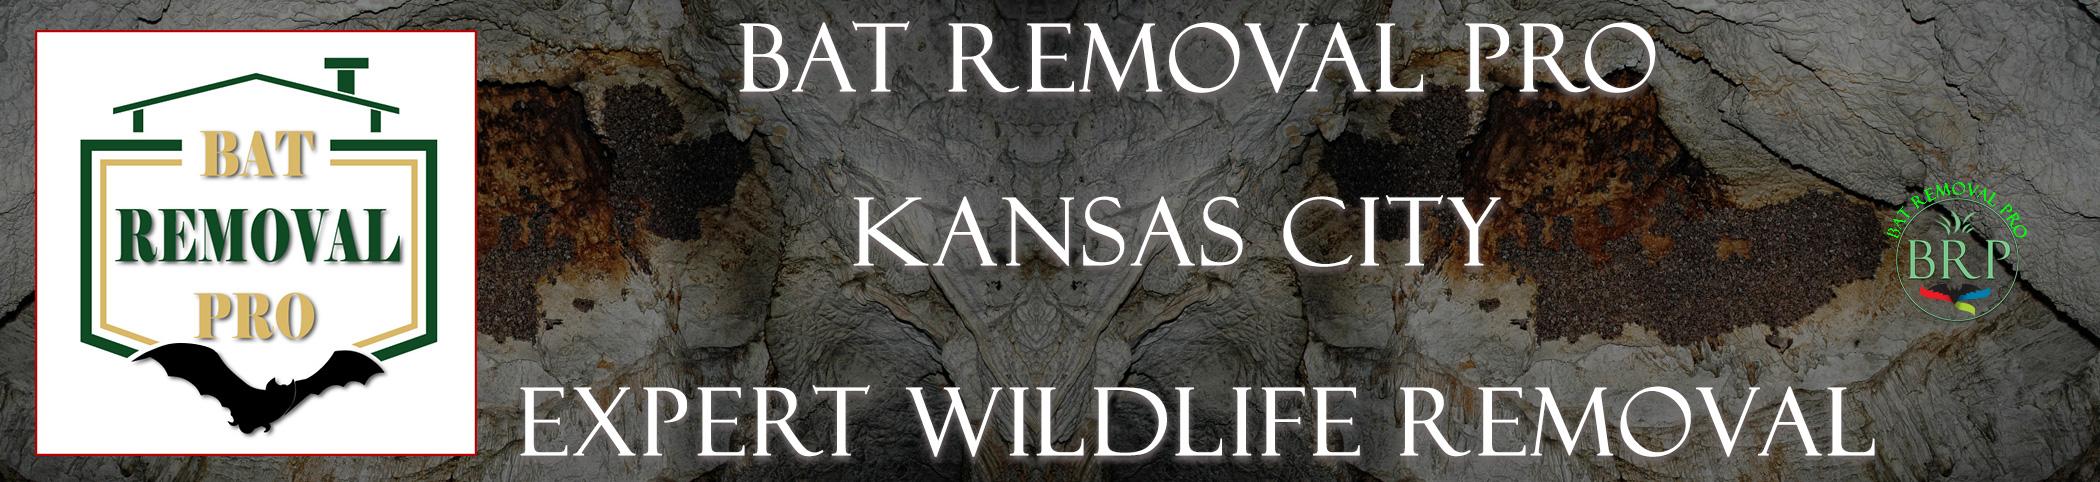 Kansas City Kansas Header Image at bat removal pro